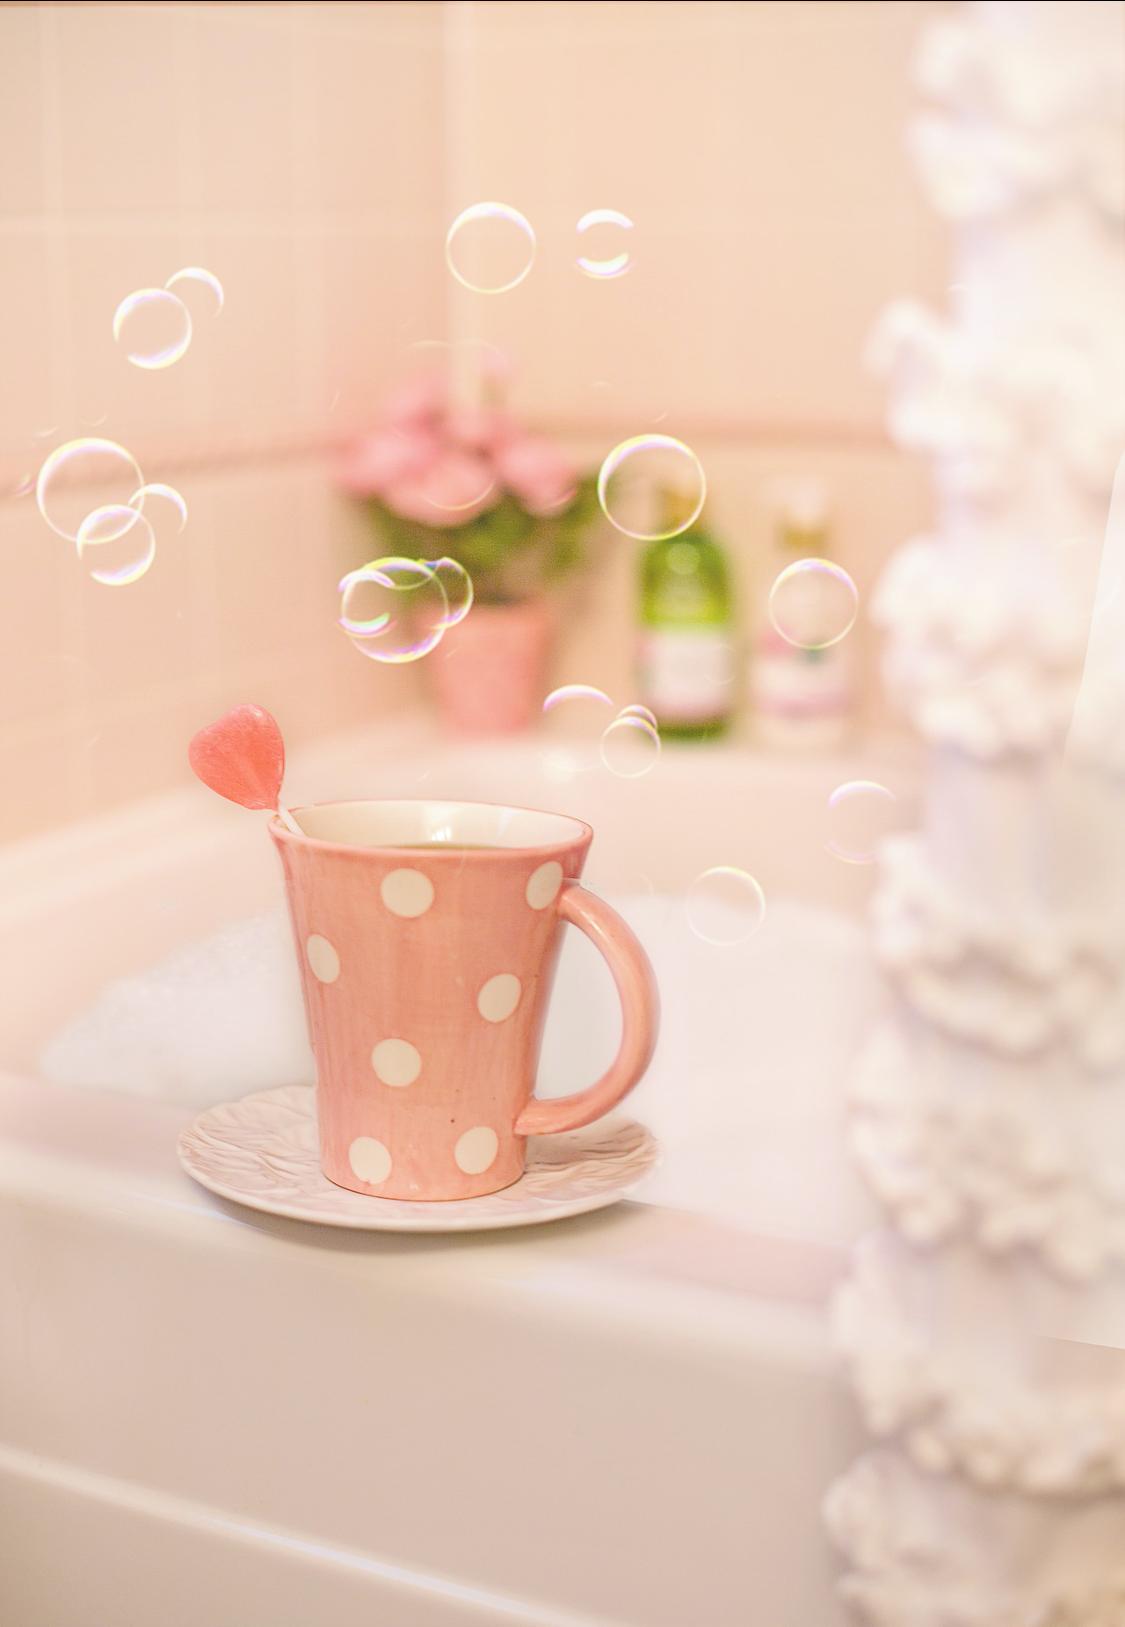 růžový hrnek s puntíky na vaně, bublinky poletující kolem